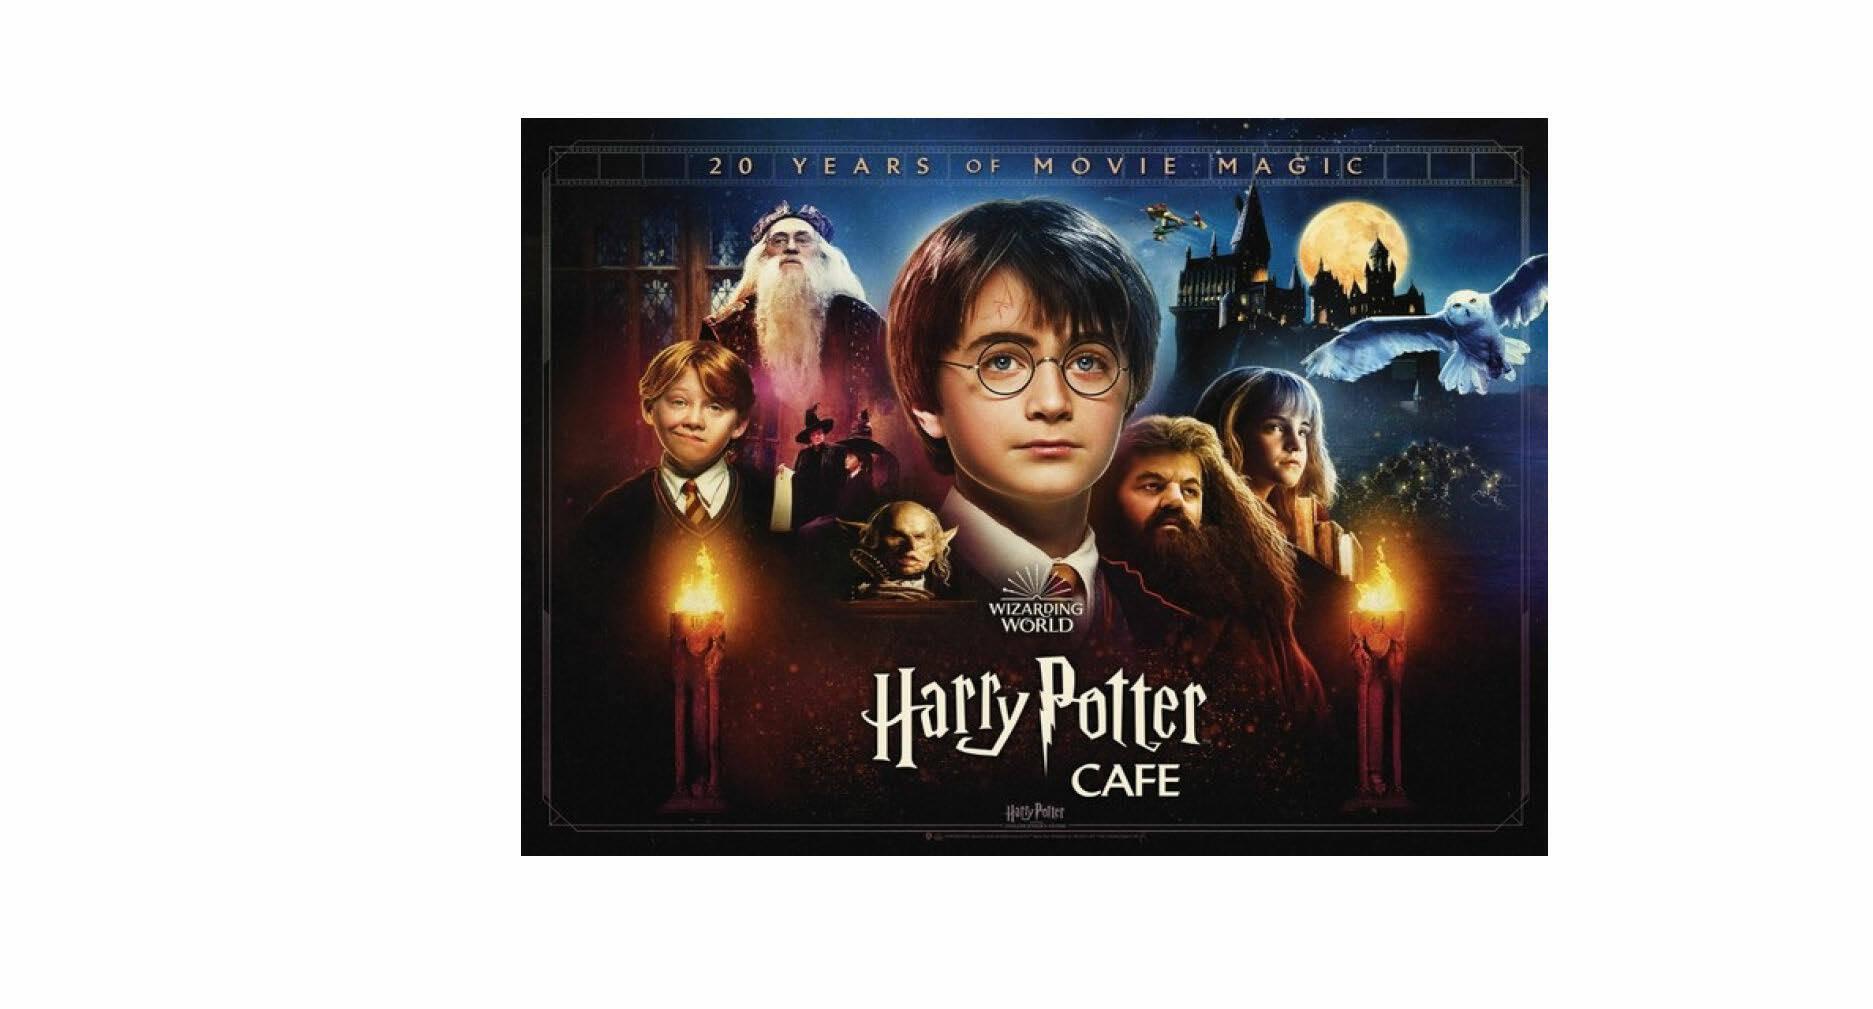 Harry Potter Café